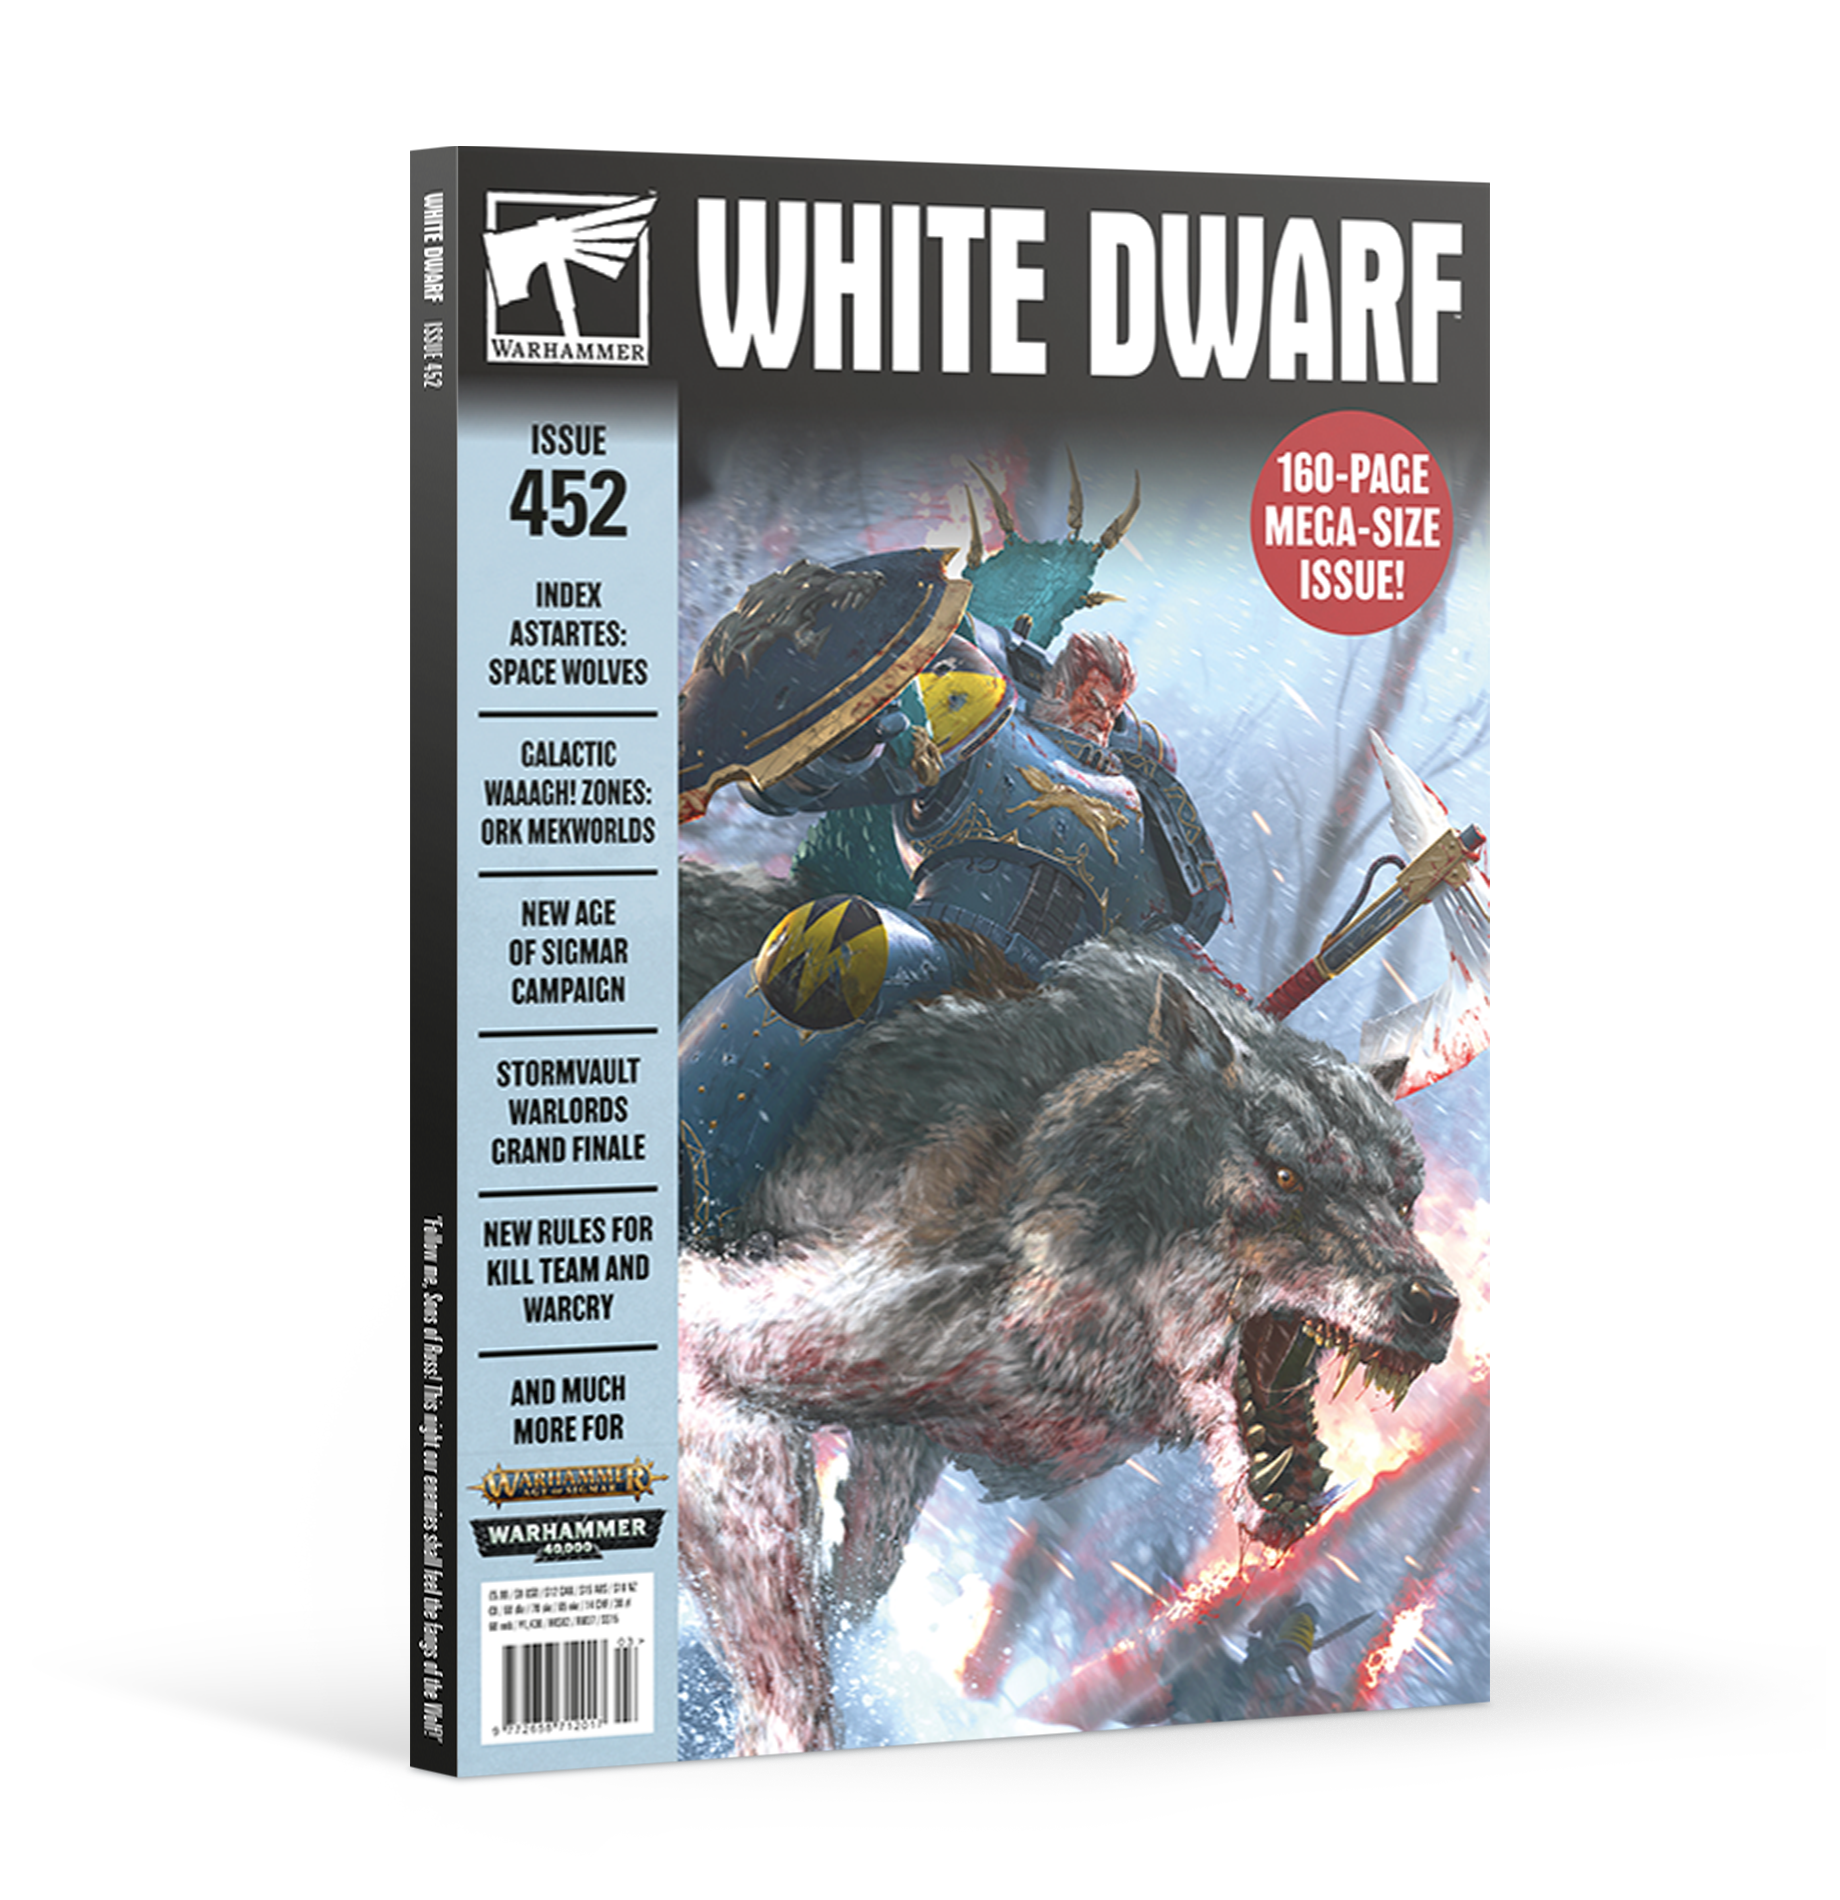 WHITE DWARF: ISSUE 452